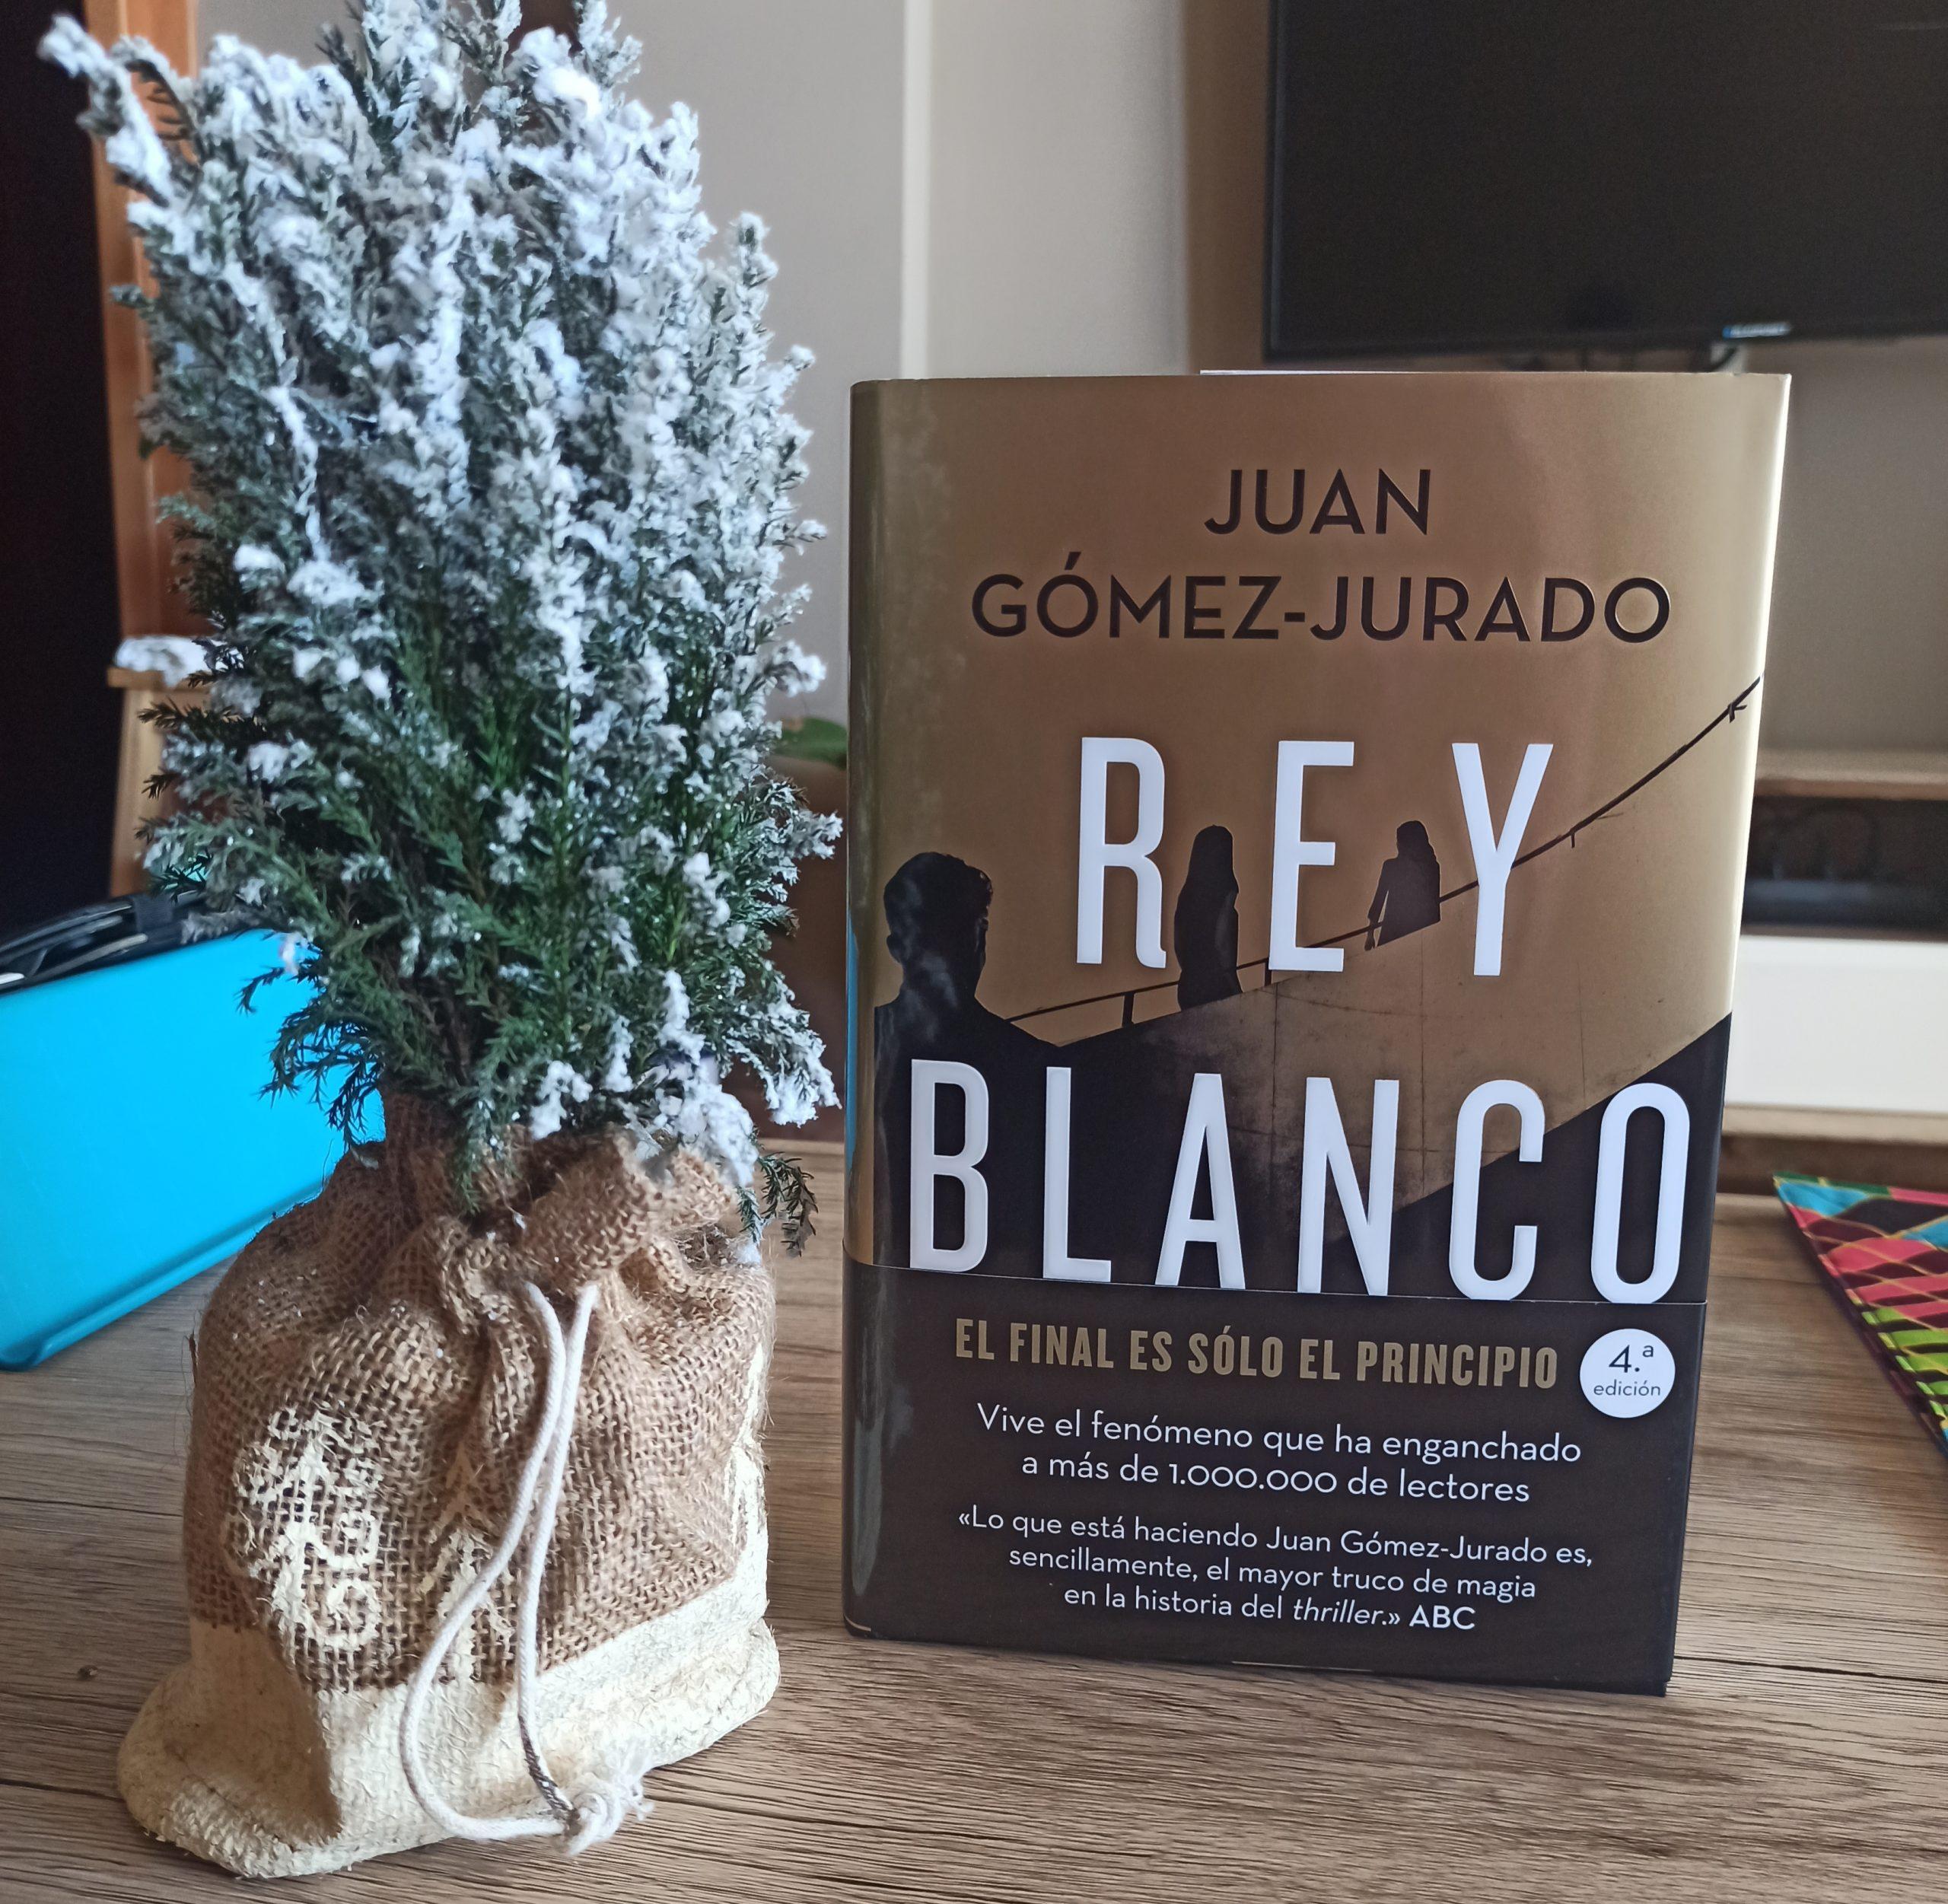 REY BLANCO, de Juan Gómez Jurado